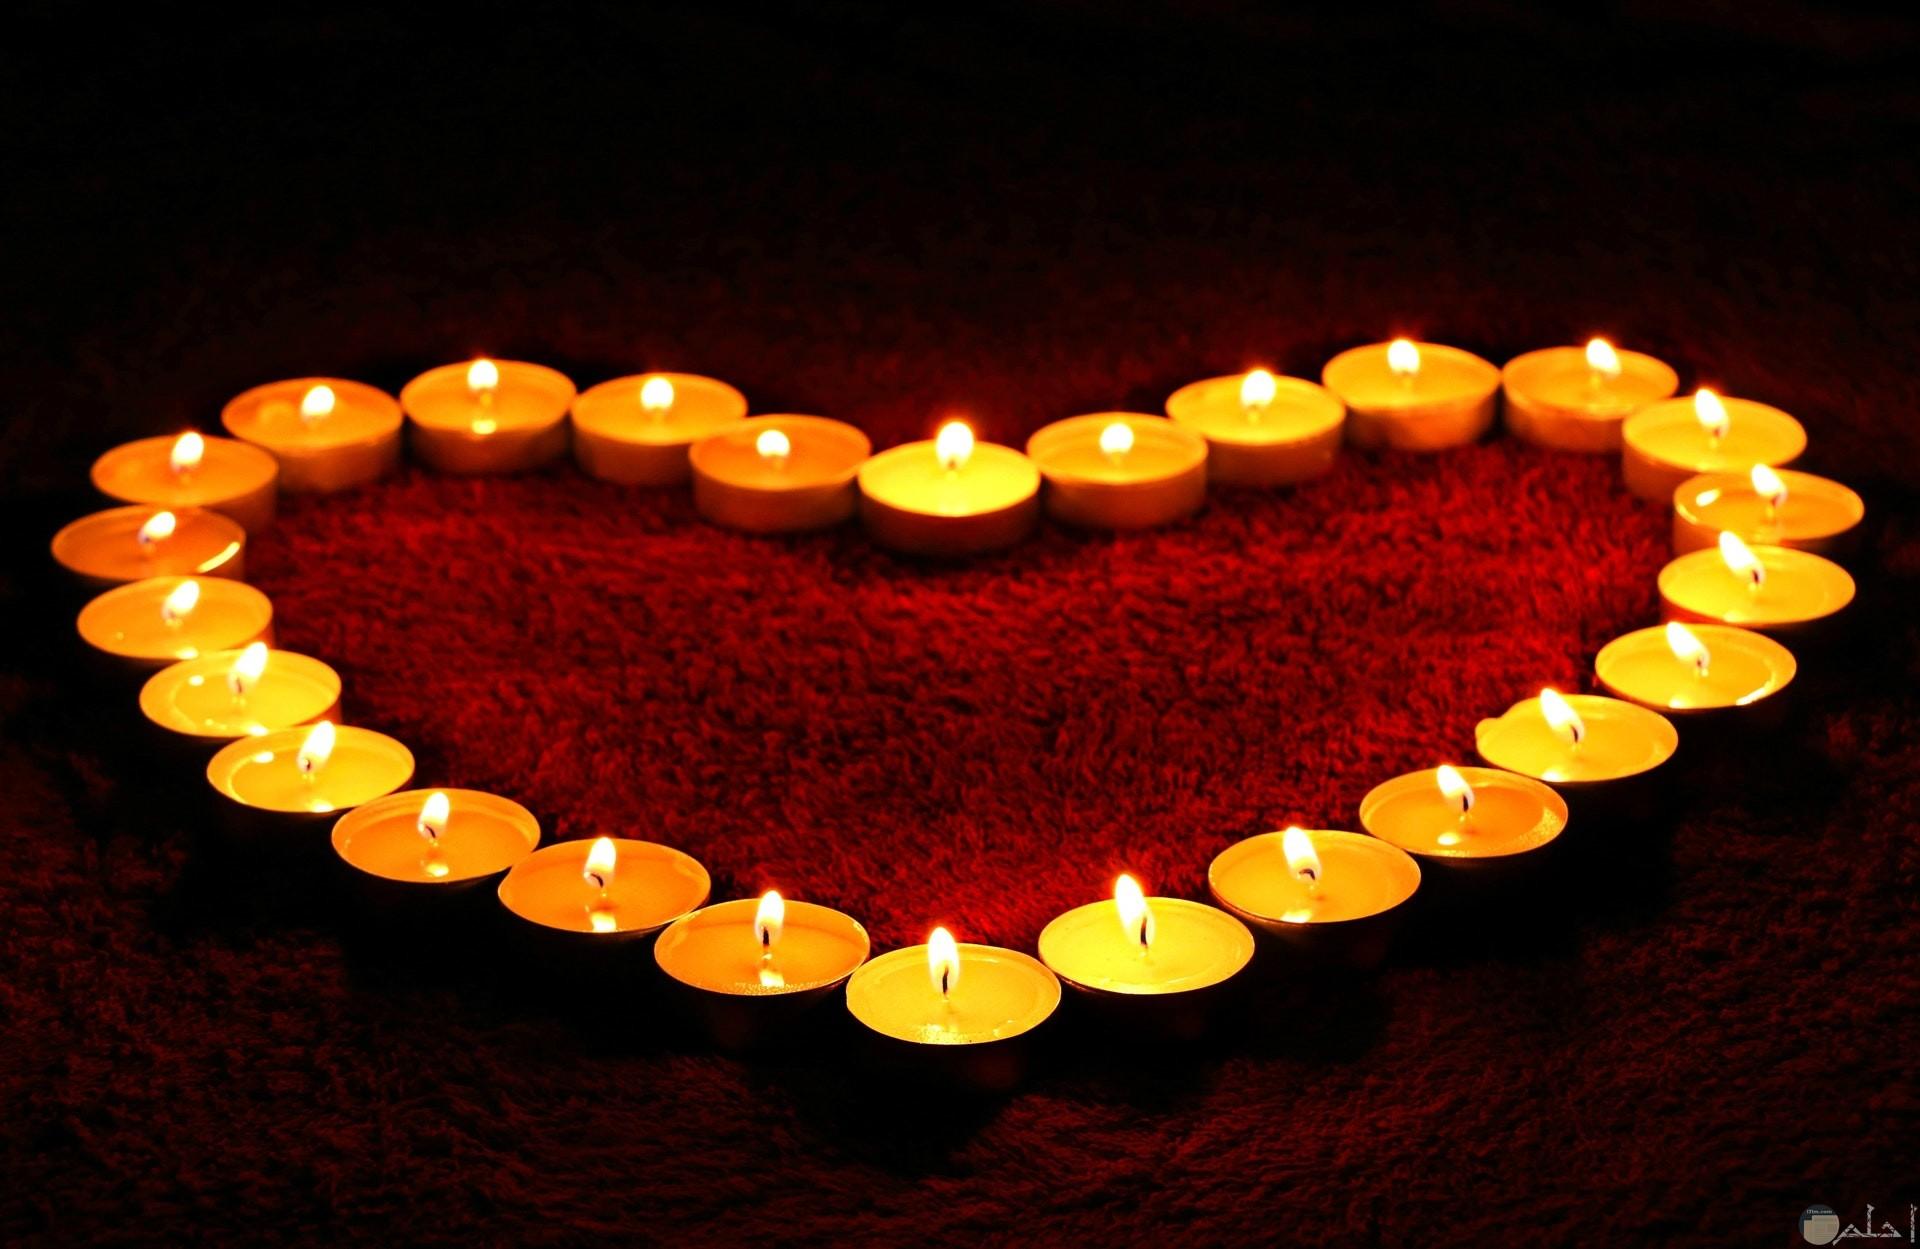 صورة جميلة لمجموعة من الشموع تكون شكل قلب